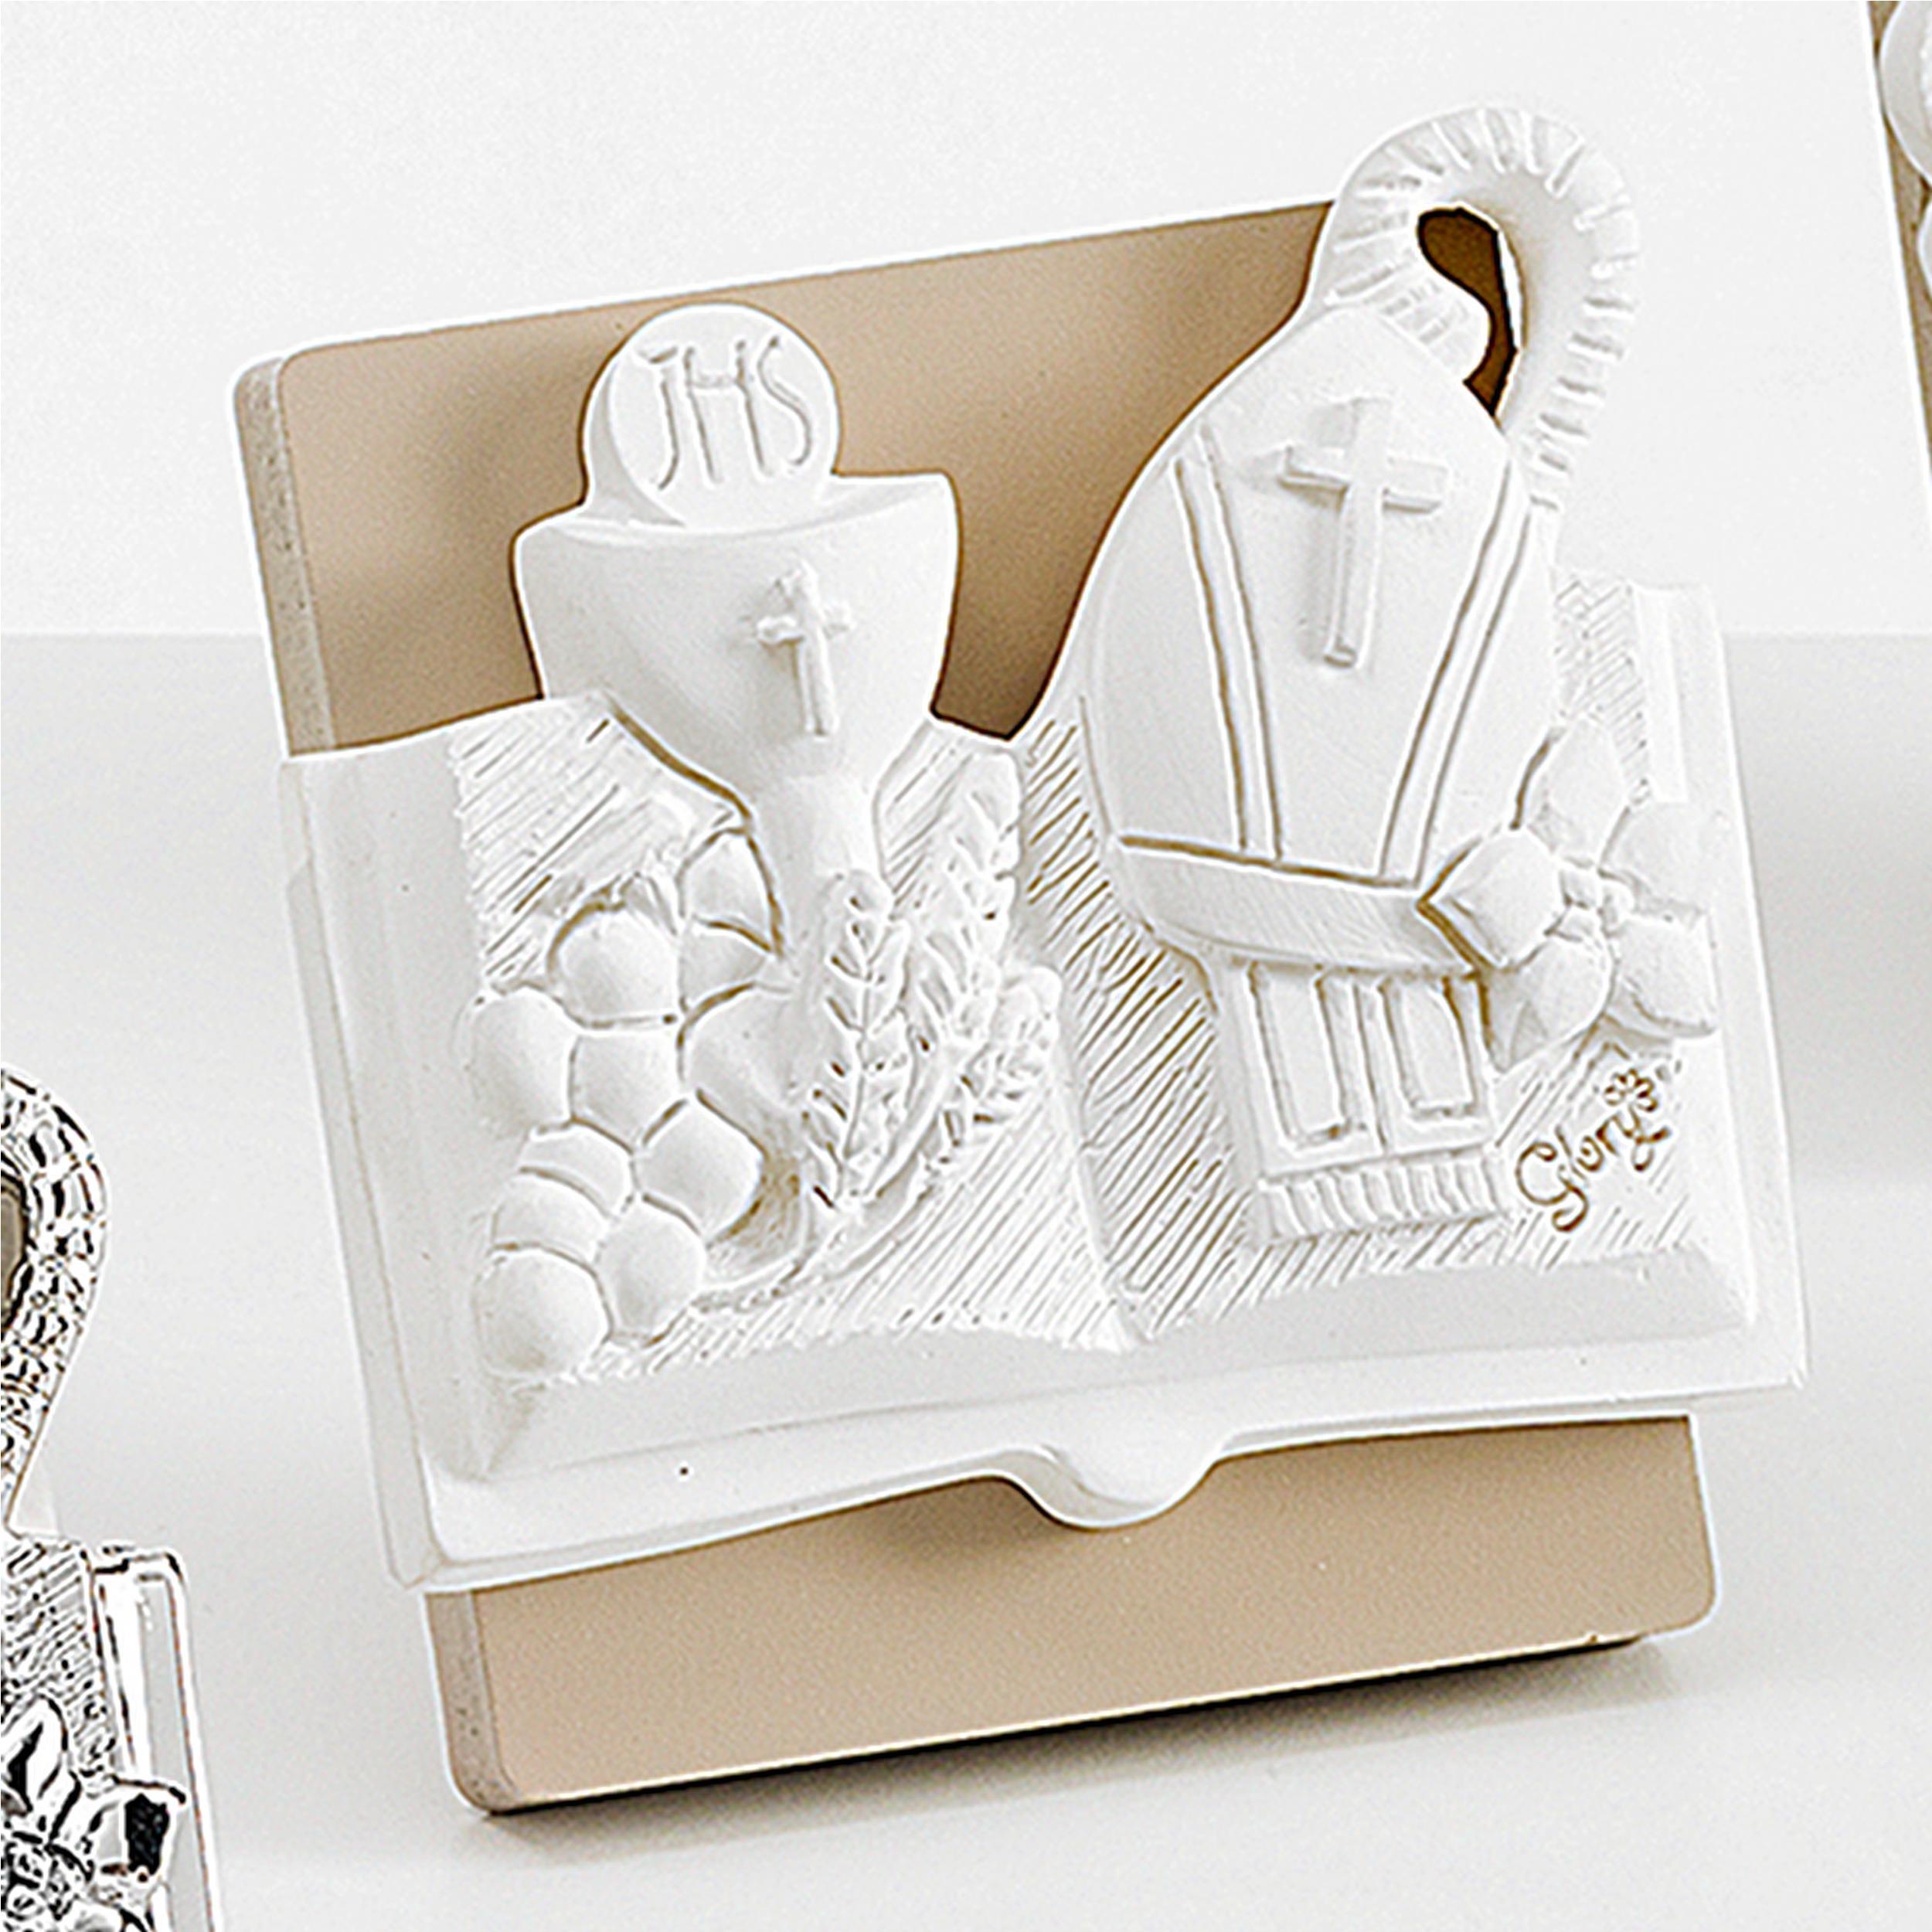 f19310a6d155 Icona per cresima e comunione Comunione E Cresima in resina Bianco 7x7cm in  scatola regalo